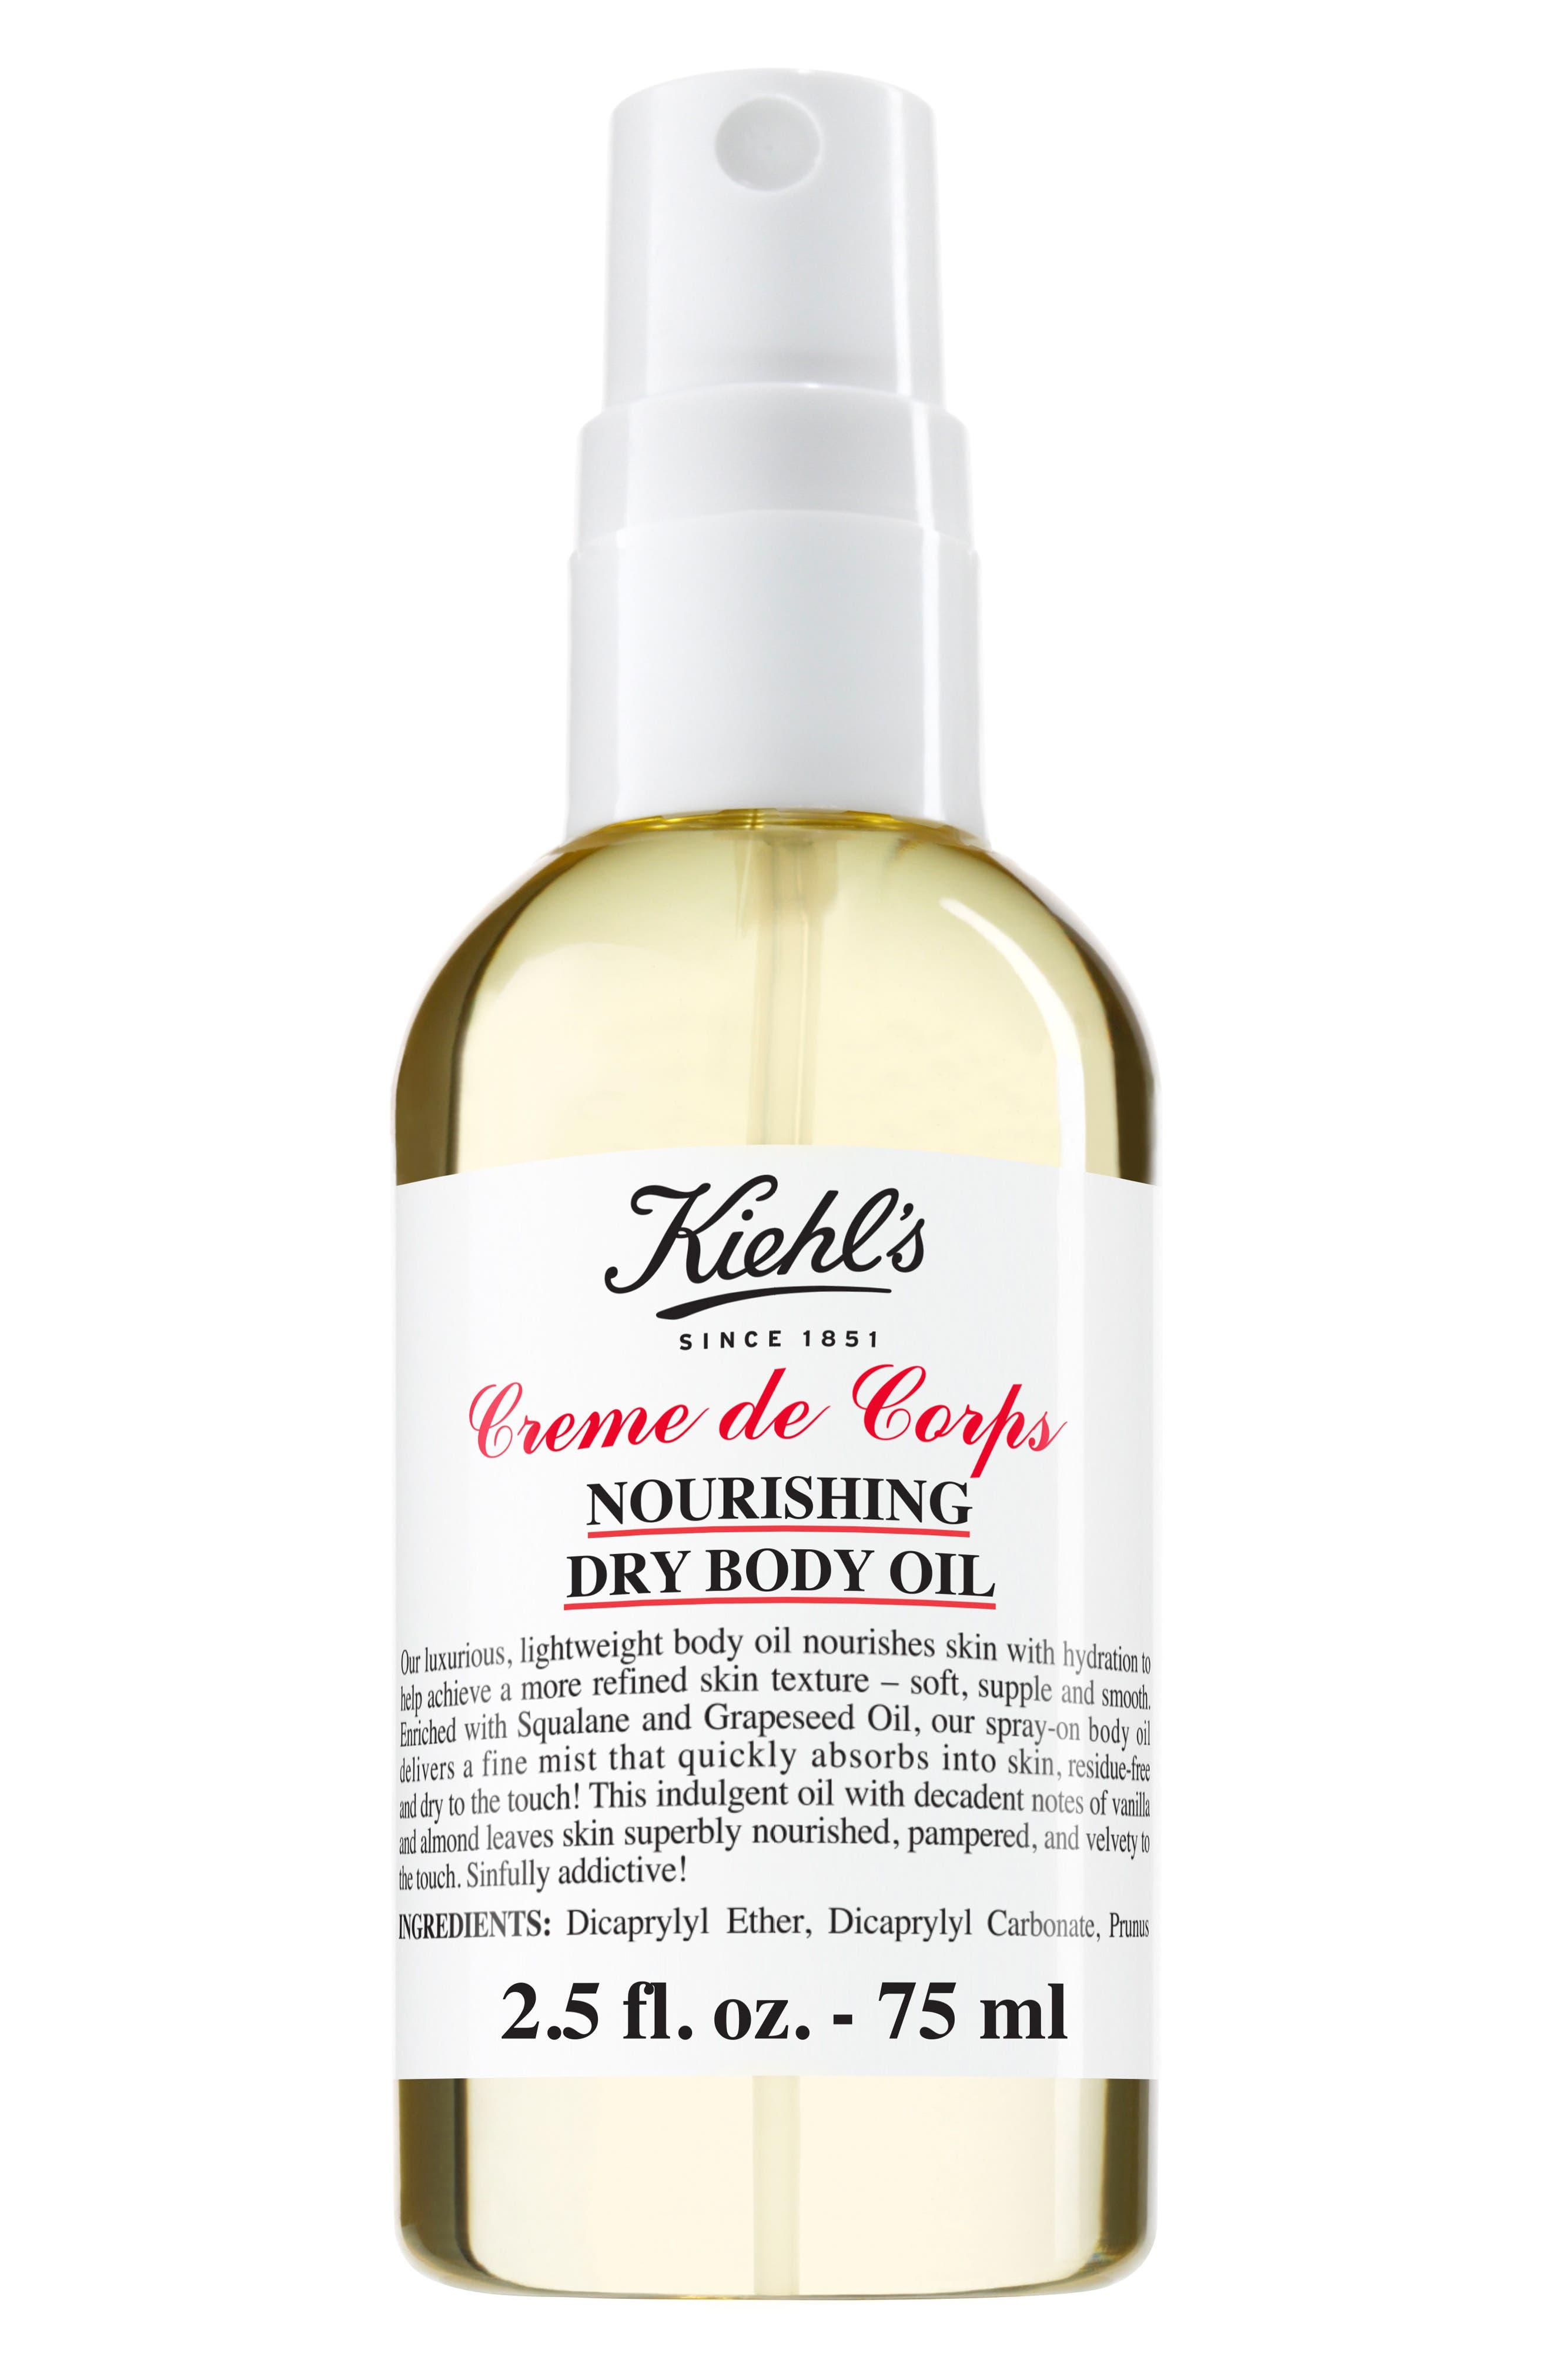 Creme de Corps Nourishing Dry Body Oil,                             Main thumbnail 1, color,                             NO COLOR